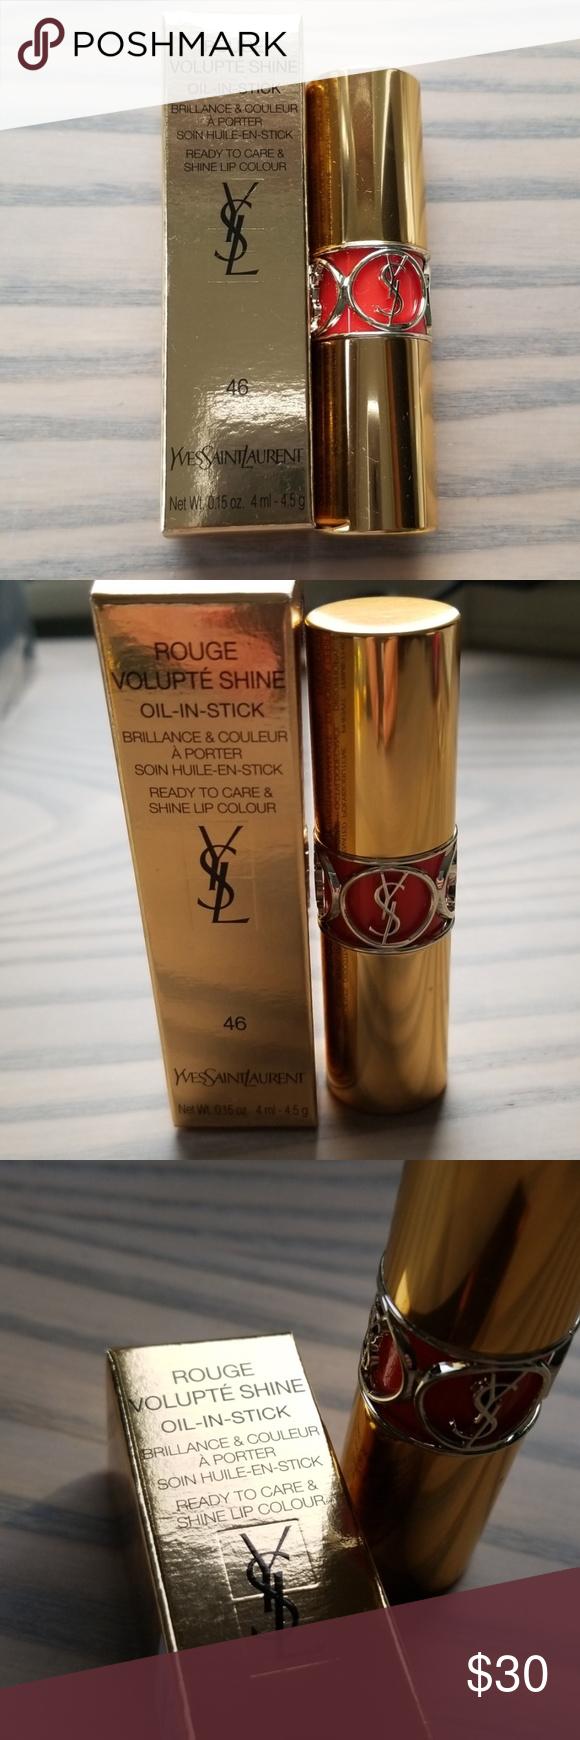 YSL Rouge Volupté OilinStick Lipstick 46 Brand new in